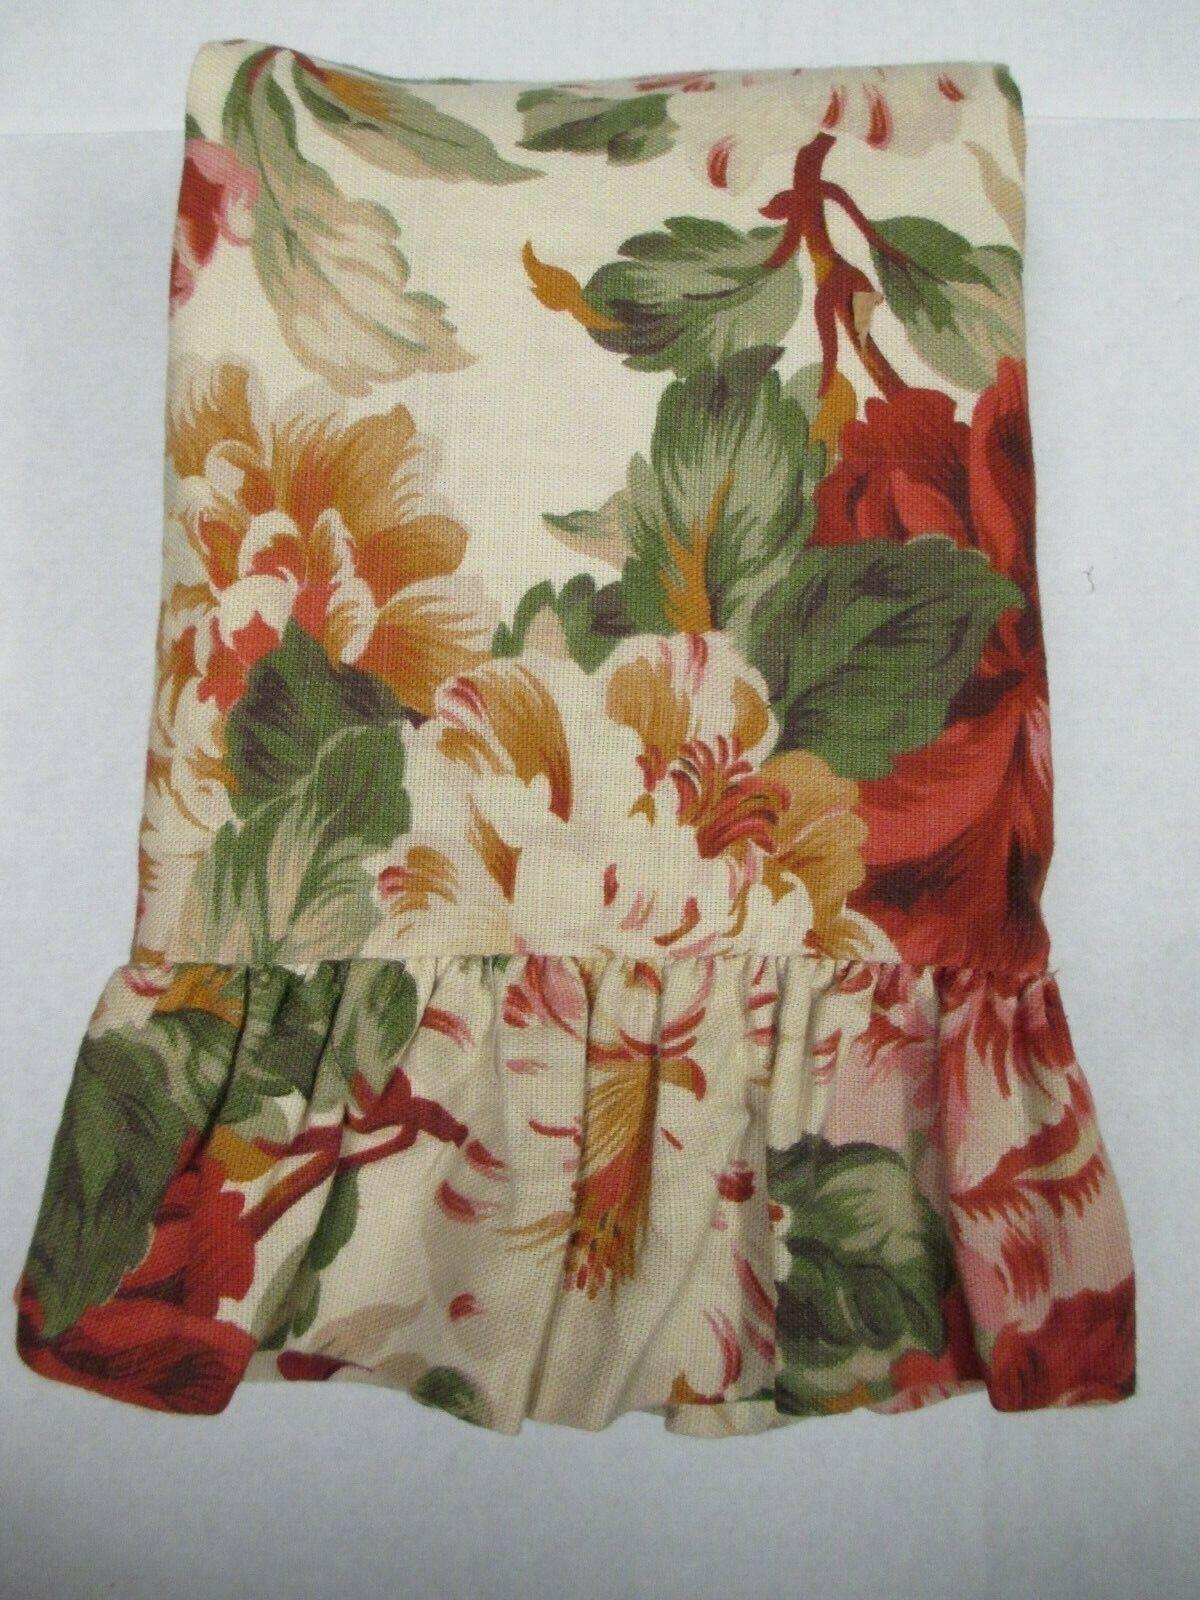 Ralph Lauren POST ROAD Beige Red Green Floral Ruffled Standard Pillow Sham